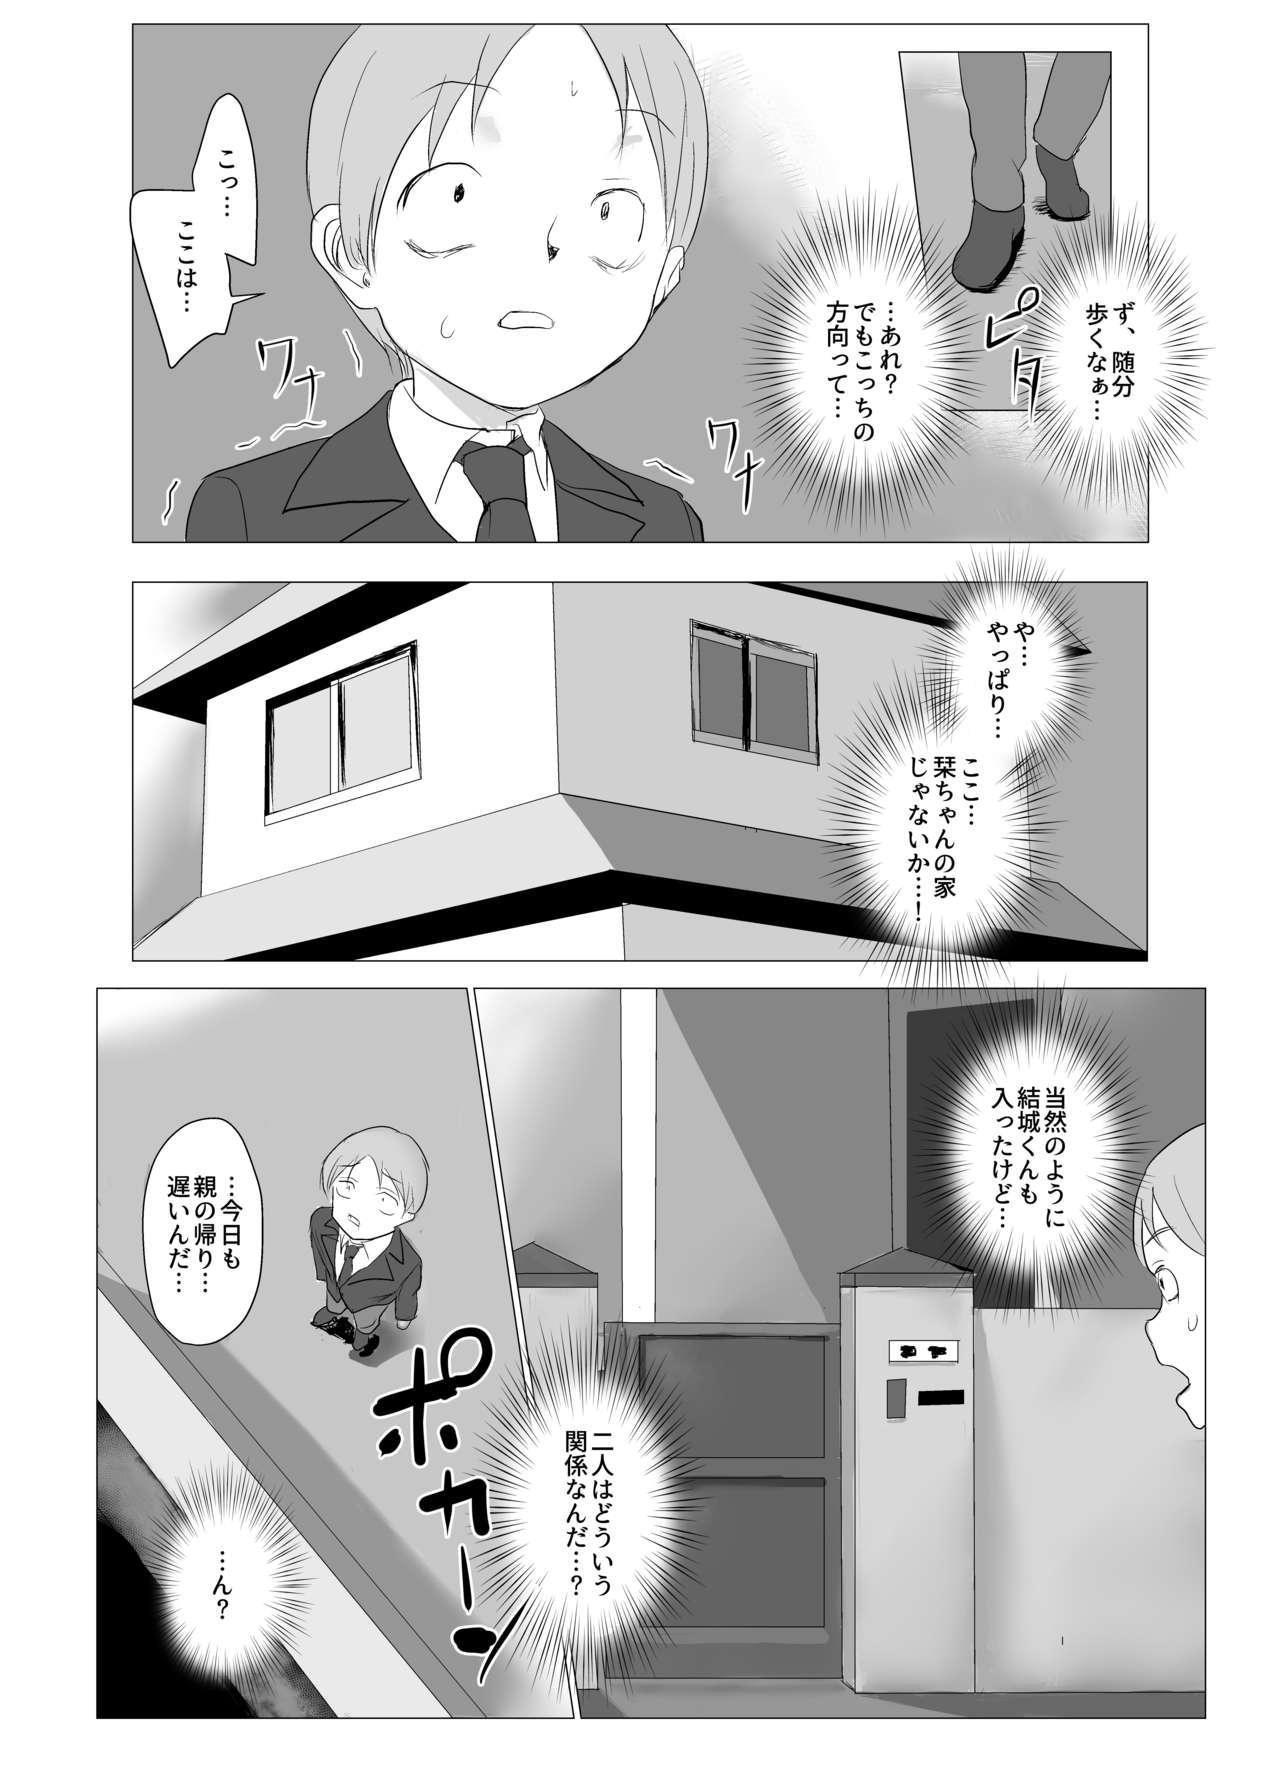 Houkago Netorare Seishidou - Boku no Kanojo wa Aitsu no Nikubenki 4